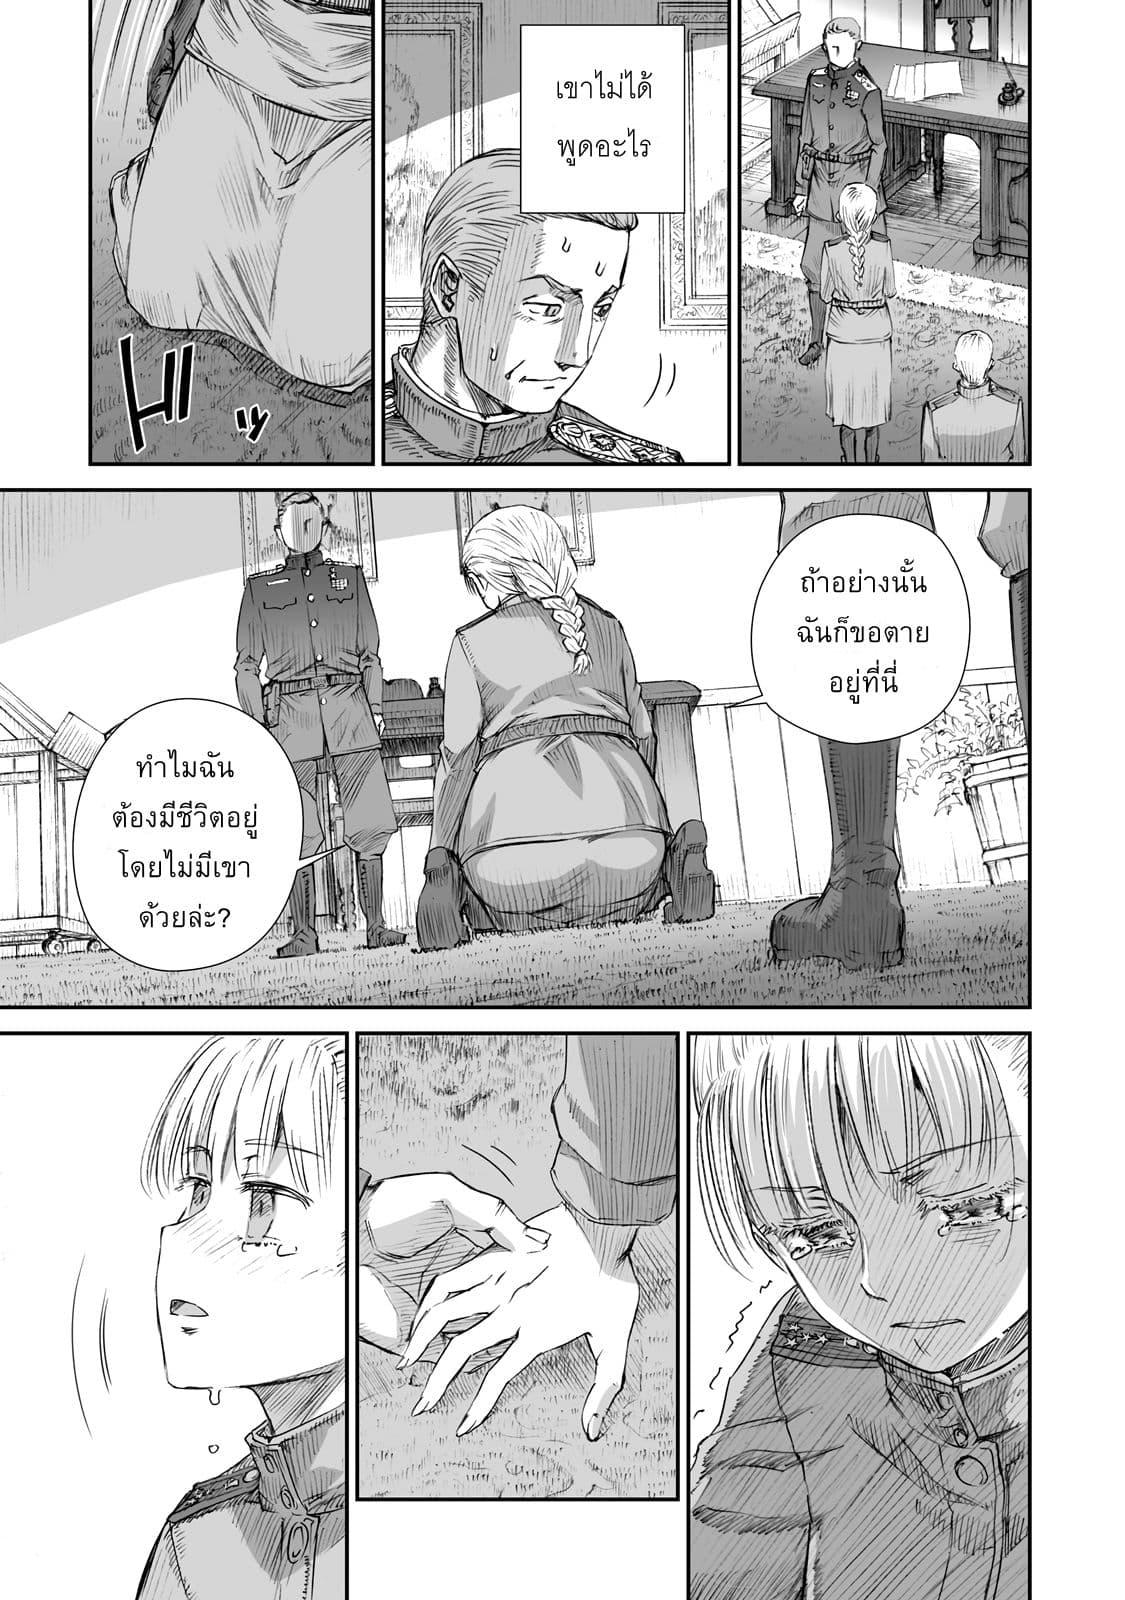 อ่านการ์ตูน Senso wa onna no kao o shite inai ตอนที่ 2 หน้าที่ 25